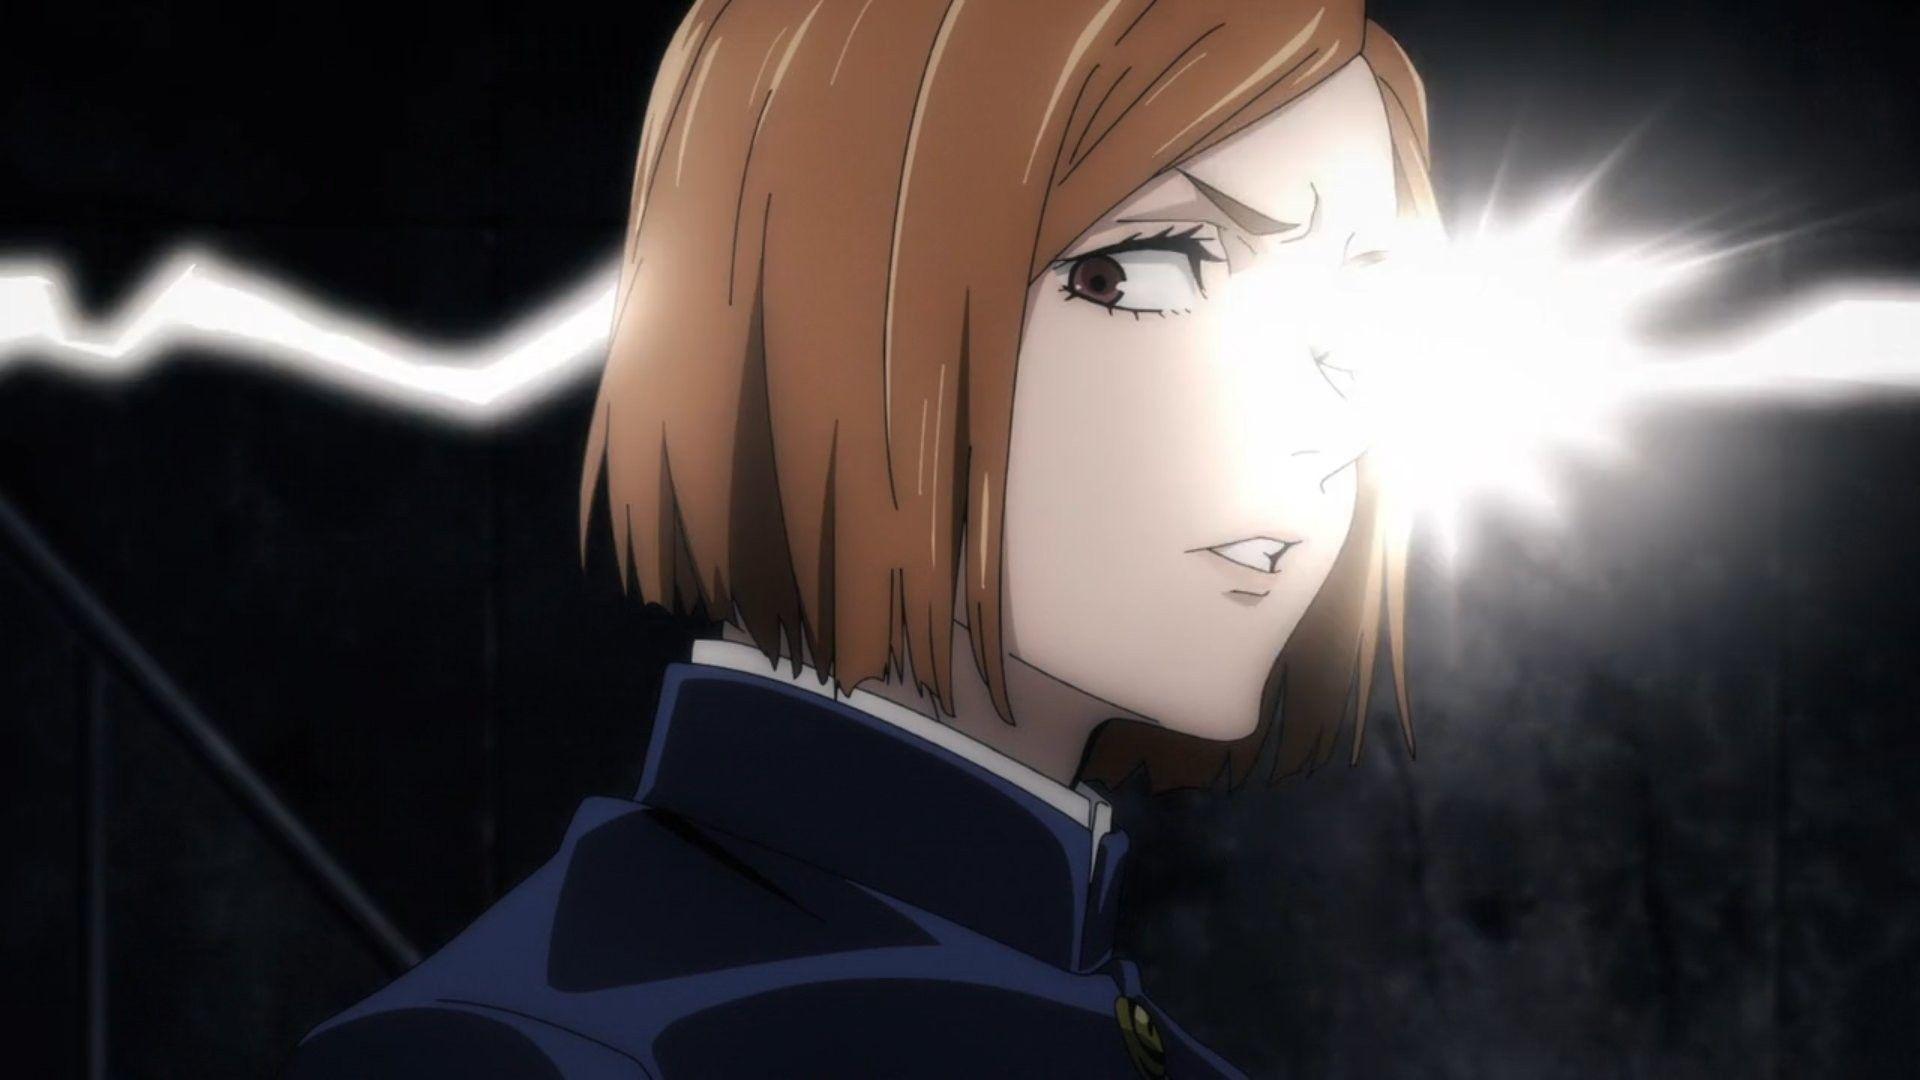 Kugisaki Nobara Triggred Jujutsu Anime Eyes Reaction Pictures